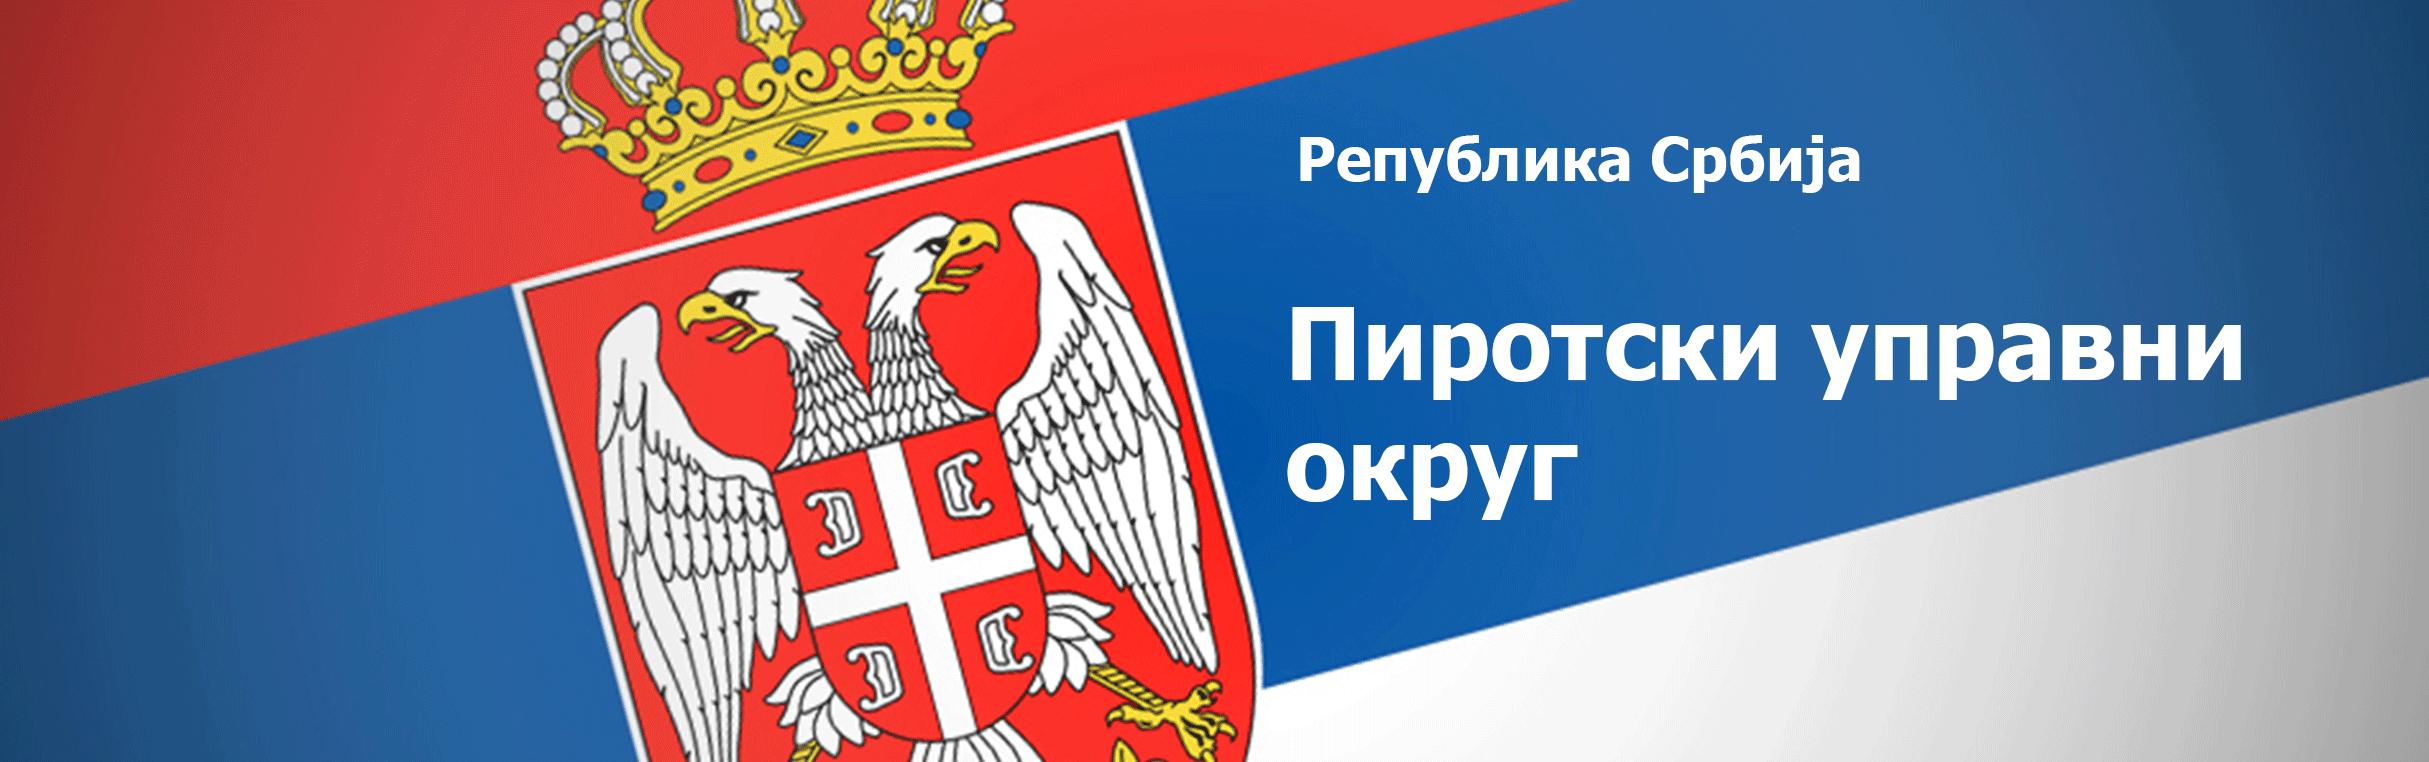 Pirotski upravni okrug